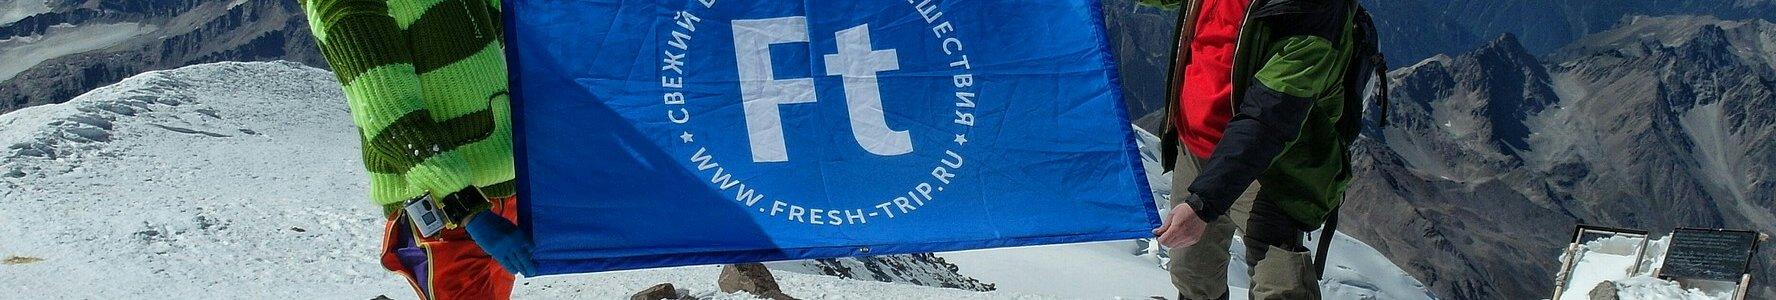 Elbrus Climbing